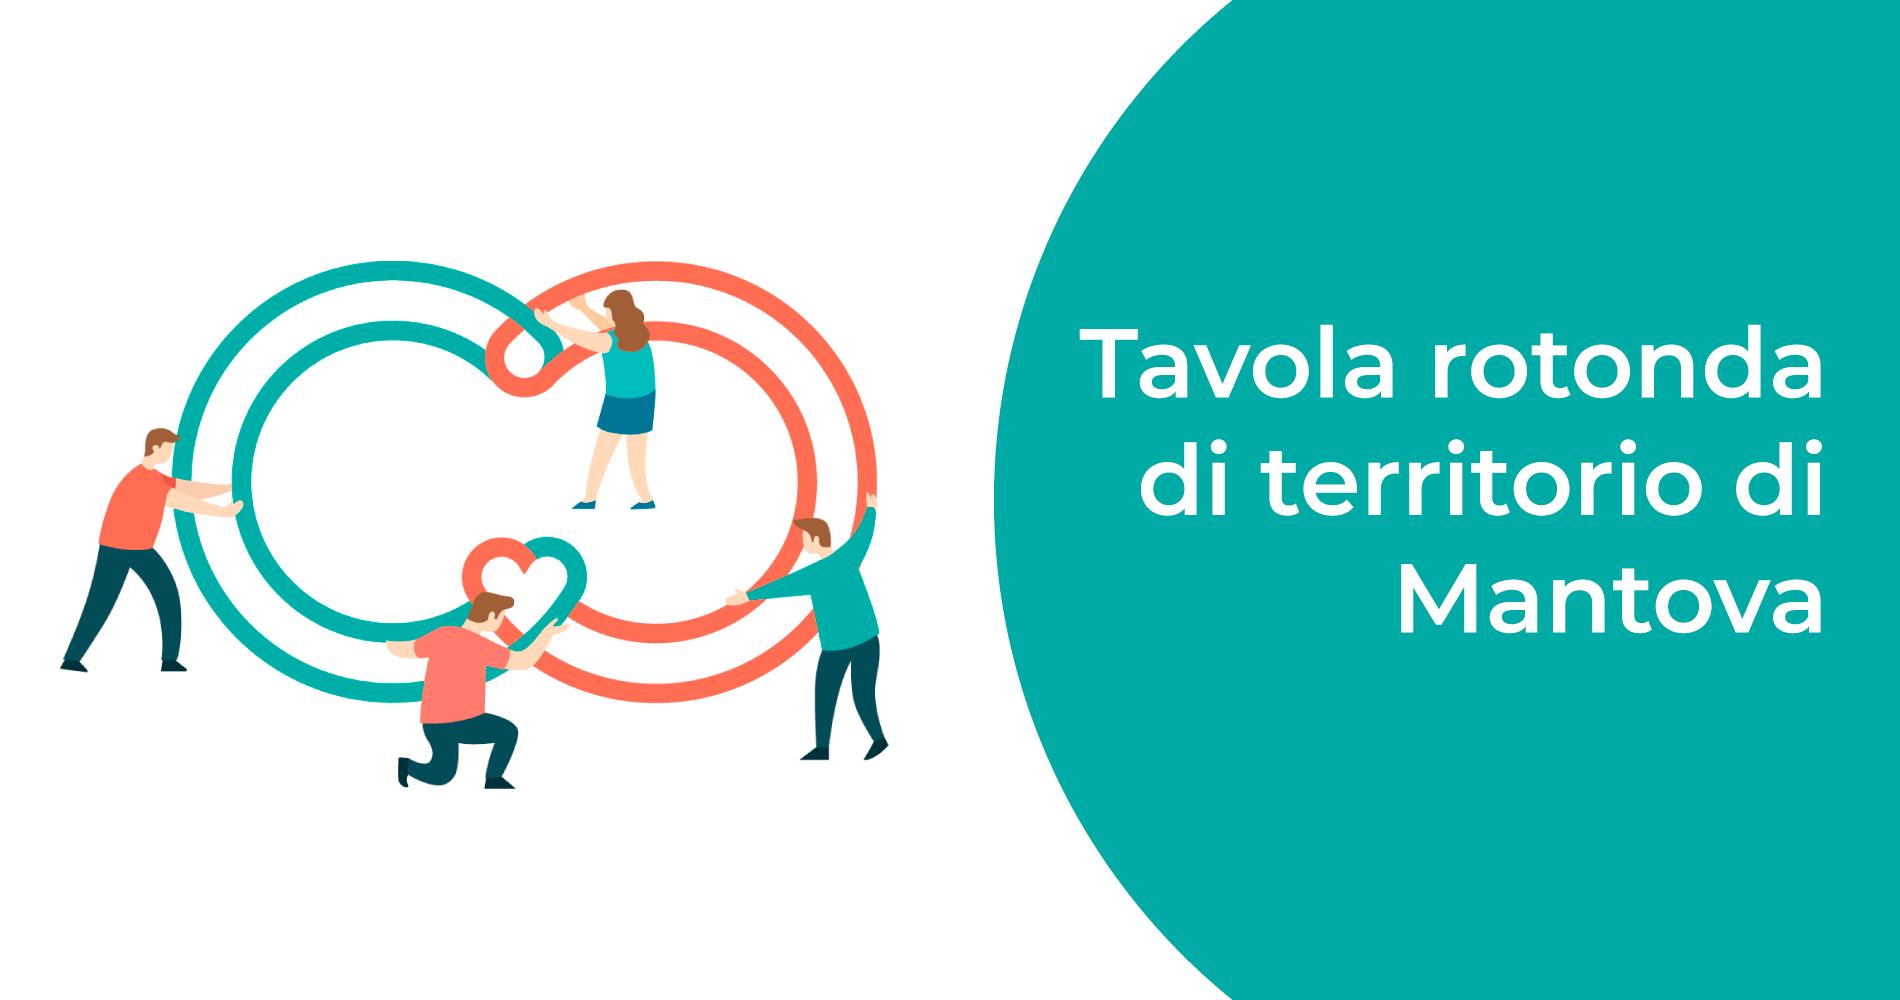 Tavola rotonda di territorio di Mantova